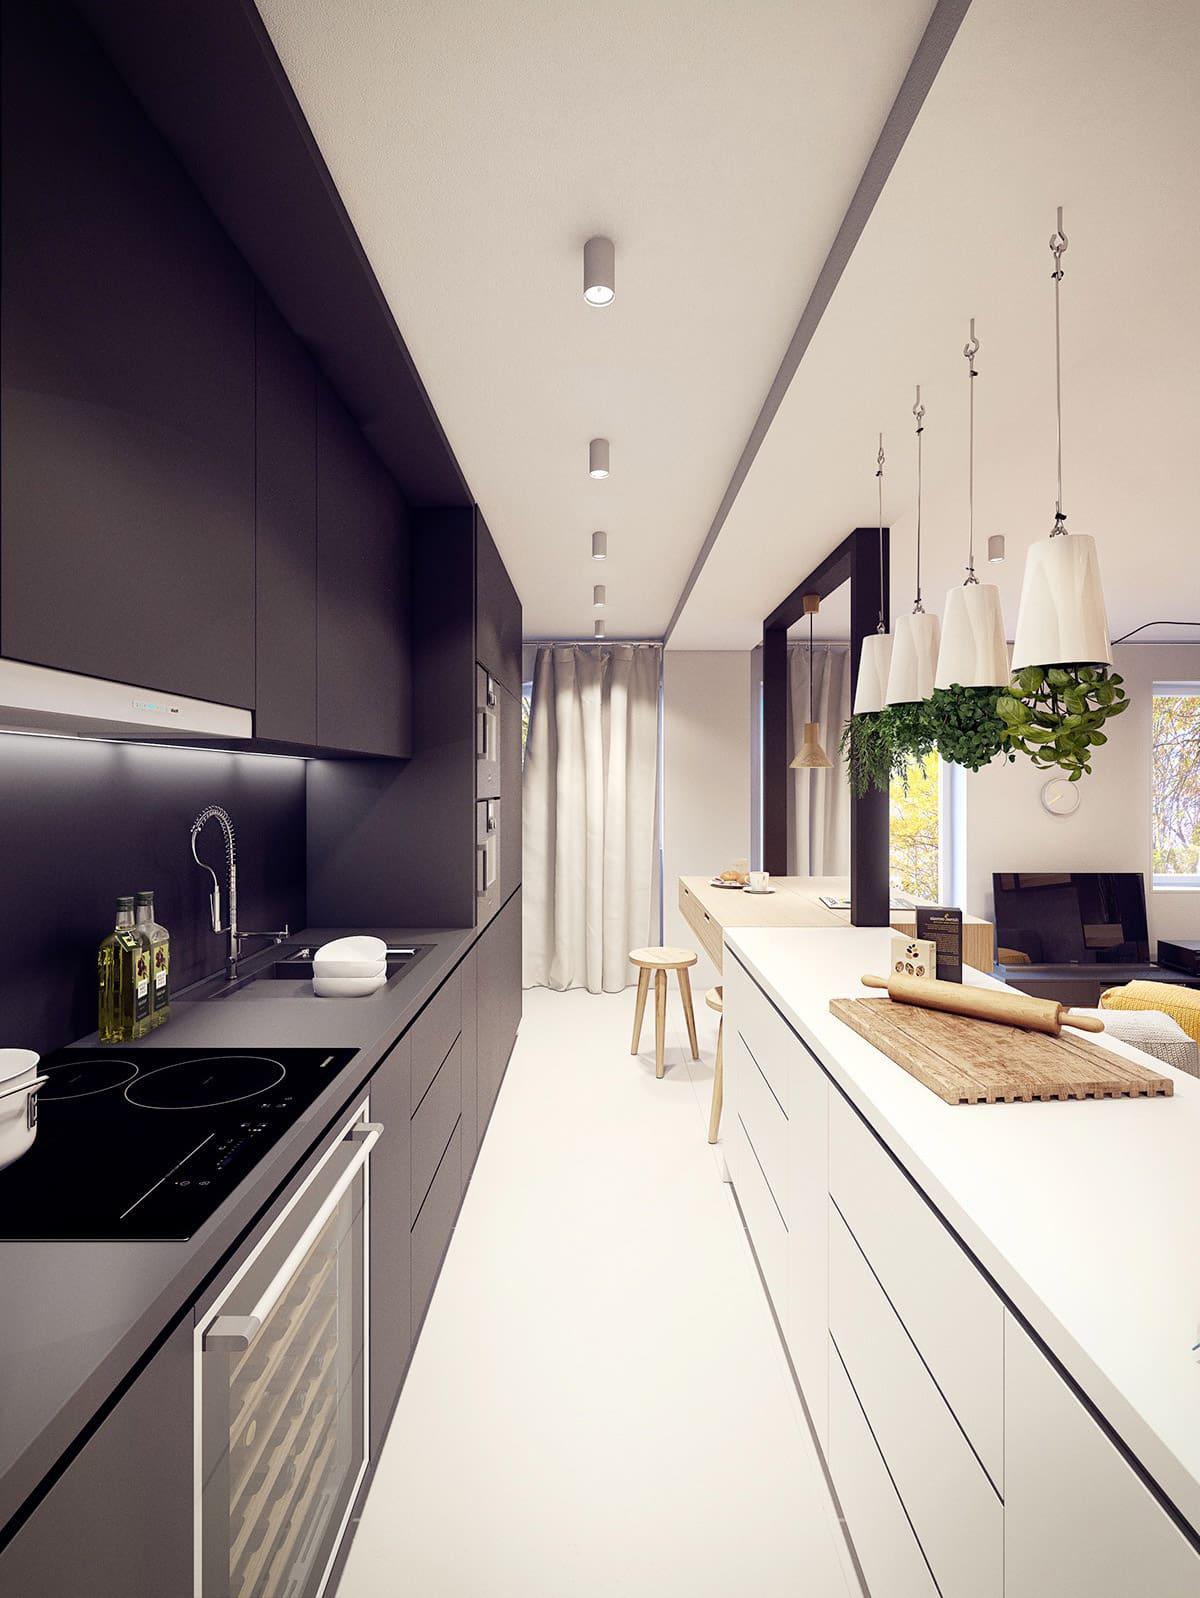 Pour ceux qui n'aiment pas la monotonie dans leur intérieur, une option intéressante serait un design inhabituel d'une cuisine étroite, divisée en deux zones utilisant le noir et le blanc.